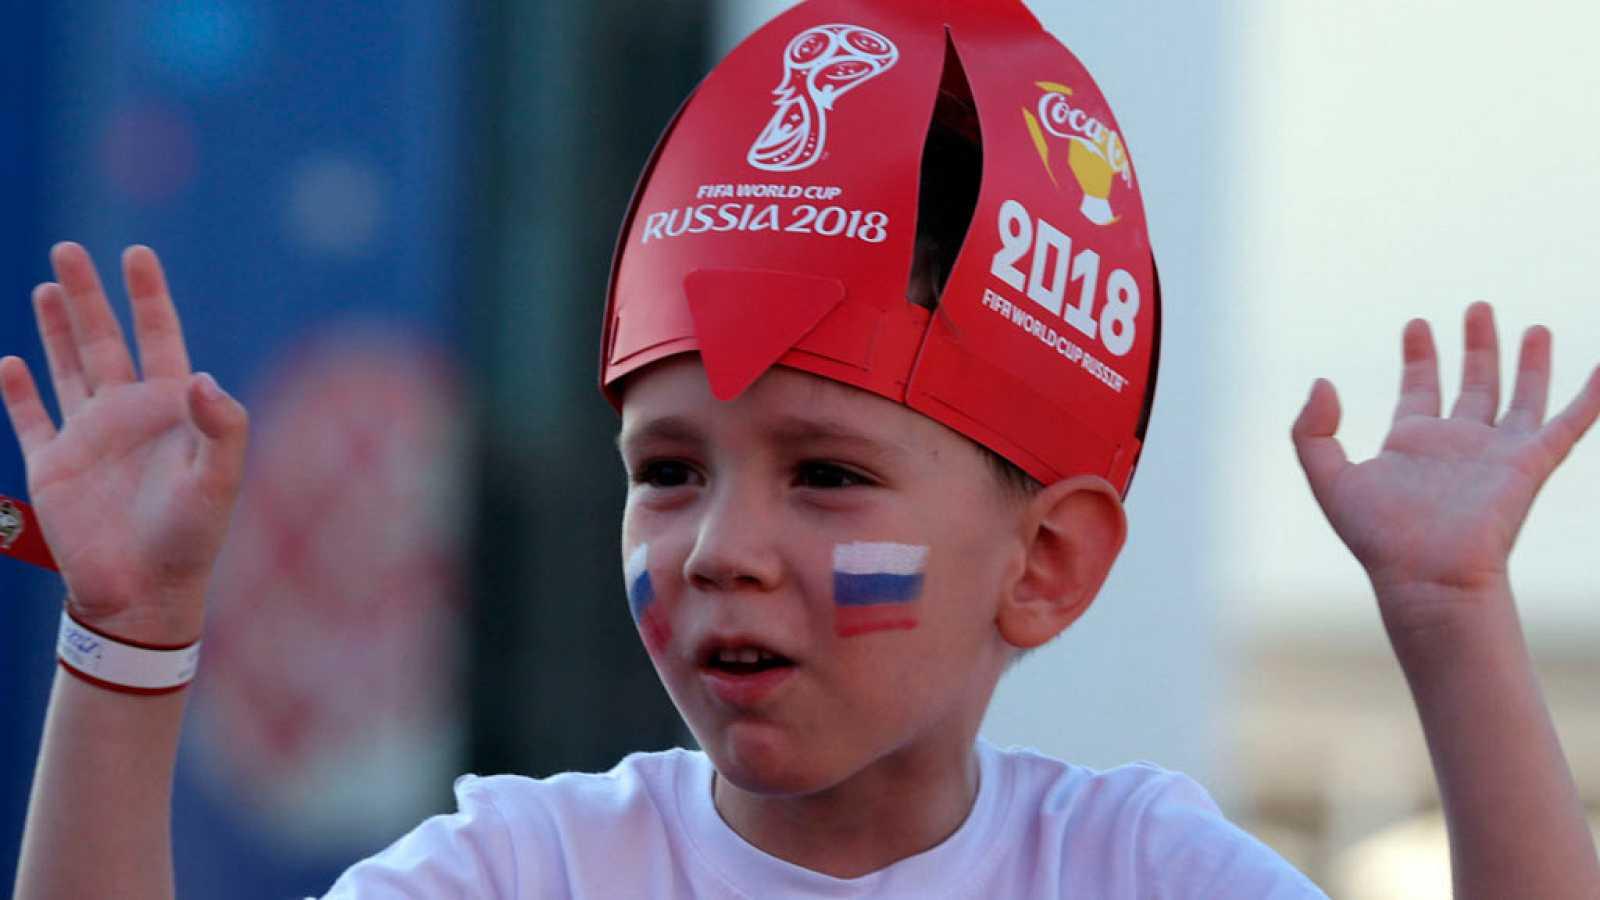 Descubre 12 curiosidades del Mundial de Rusia 2018